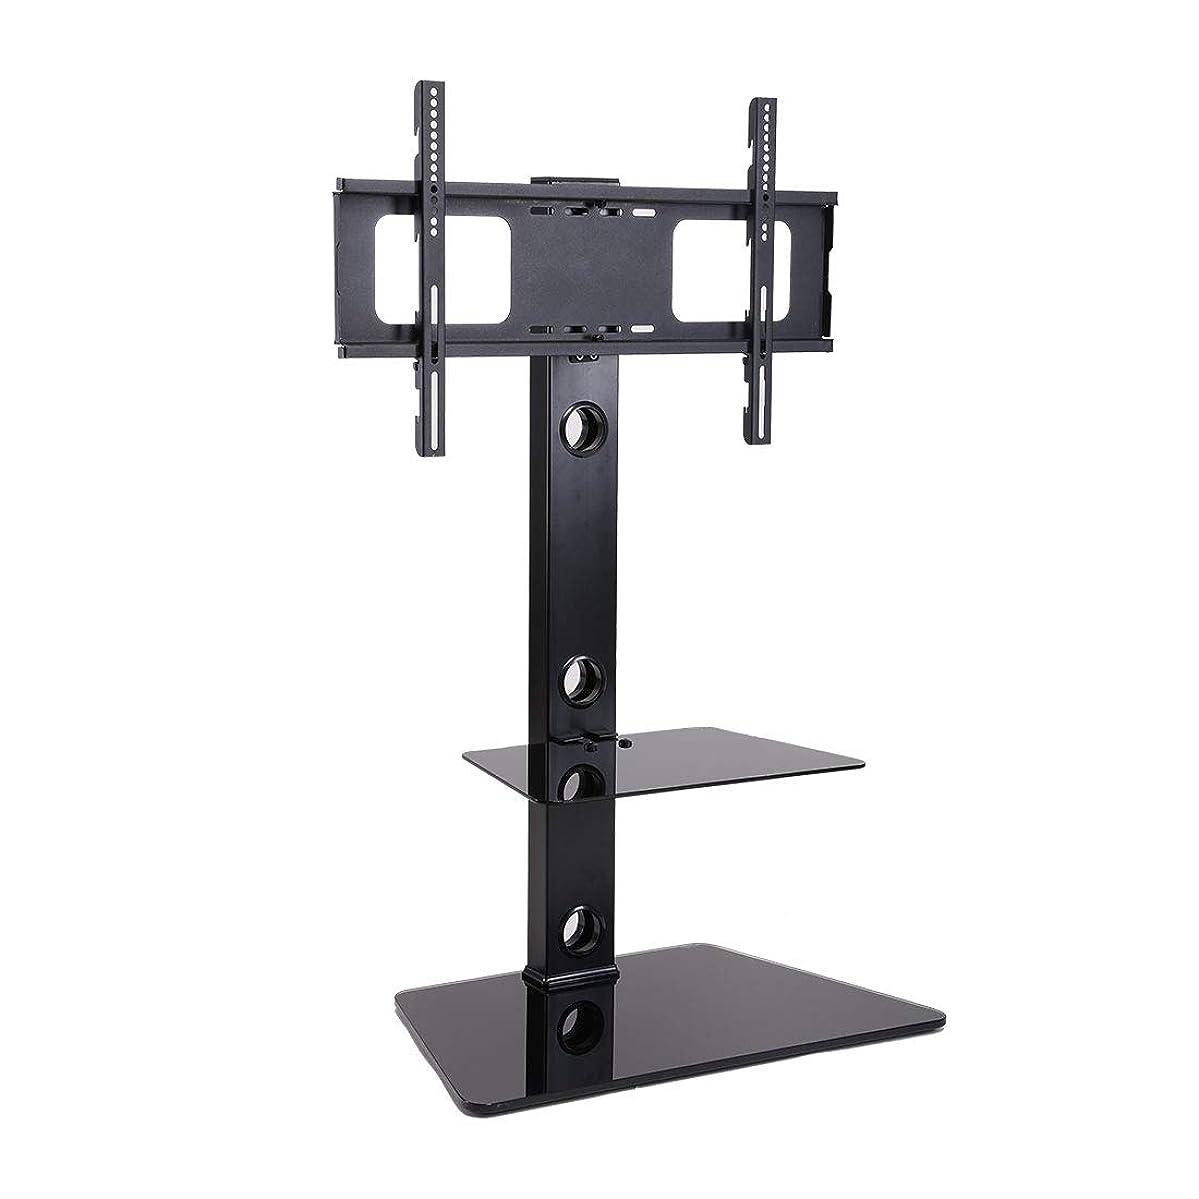 アスリート厚くするキャストFleximounts テレビスタンド 壁寄せテレビ台 32-65インチのテレビに推奨 耐荷重40KGまで 地震転倒防止対策 高さ調節可能 TS01